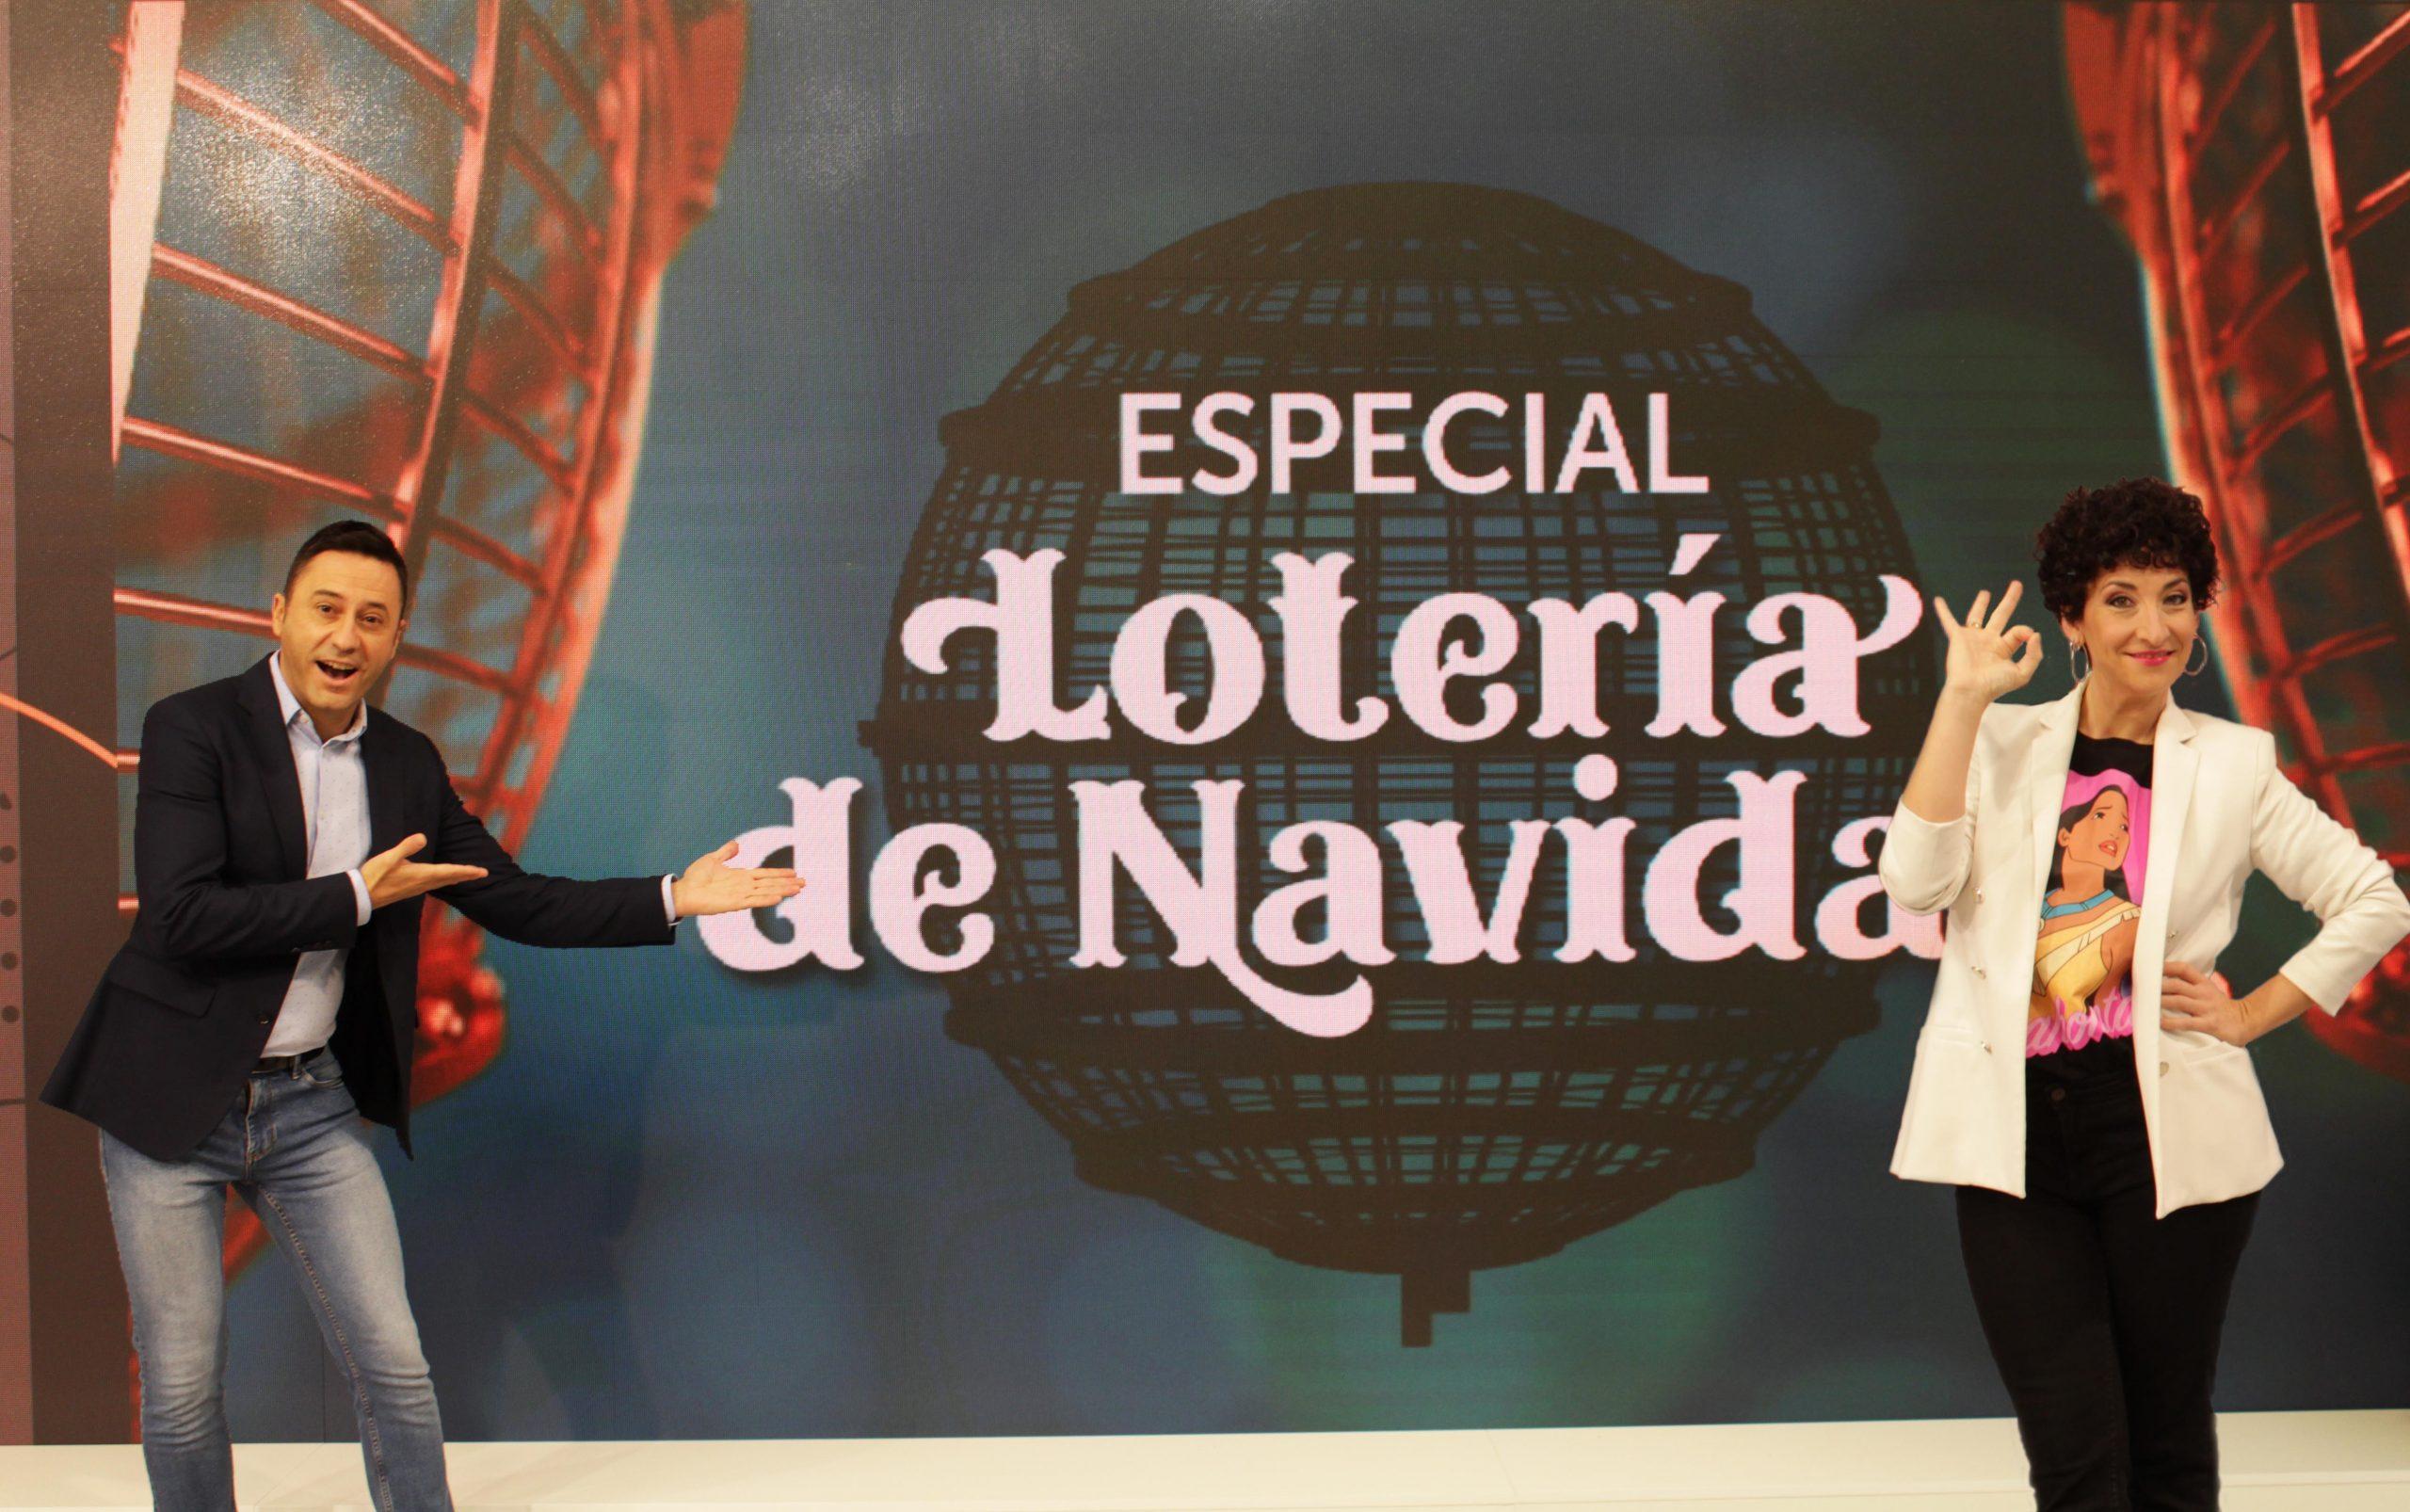 Prensa CARTV-Especial Lotería de Navidad